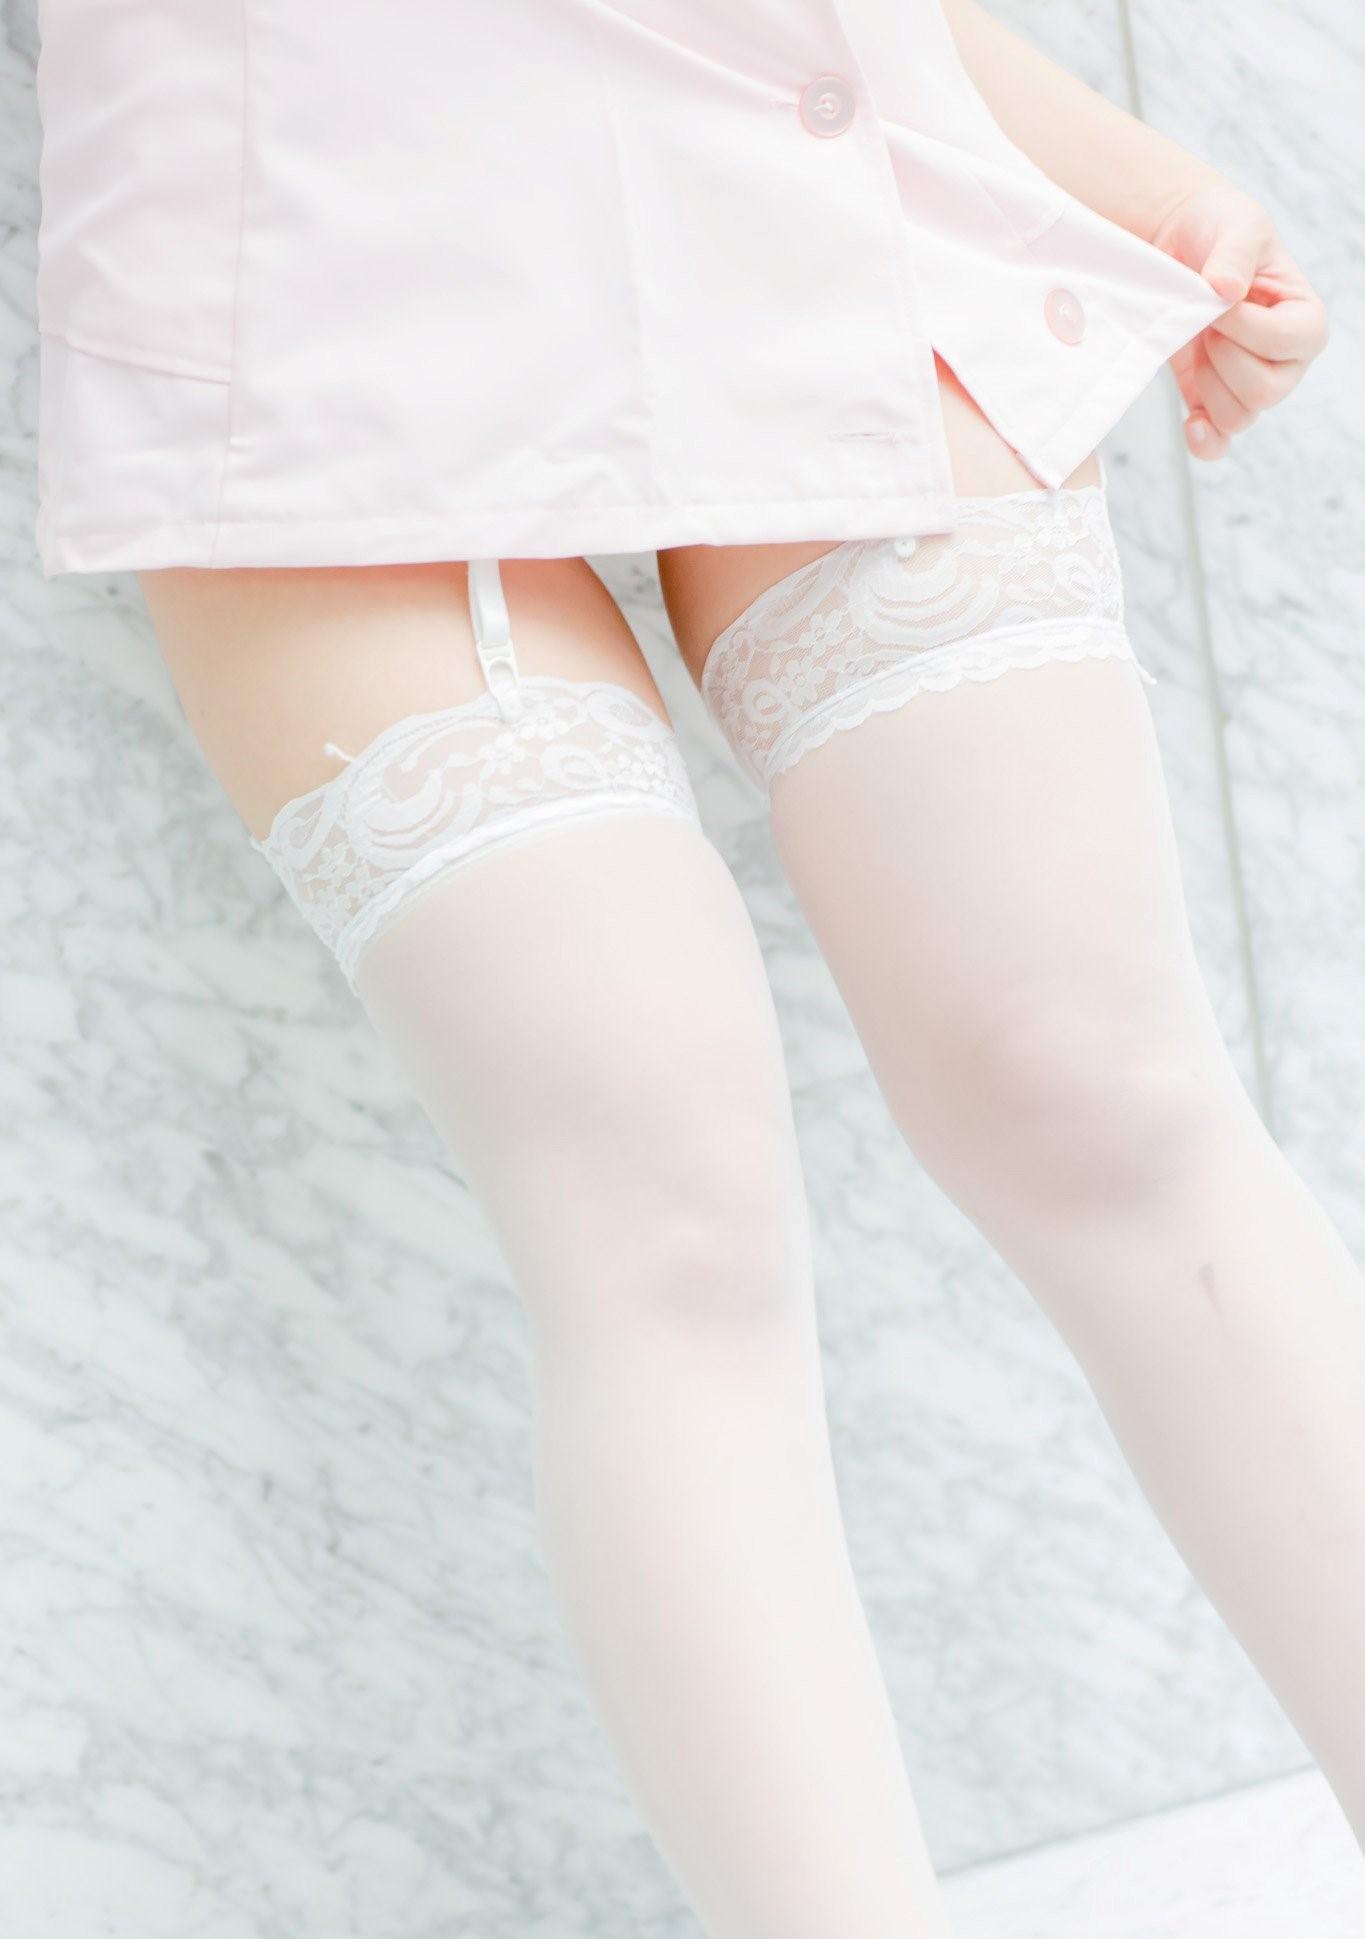 【兔玩映画】腿控图包 兔玩映画 第10张